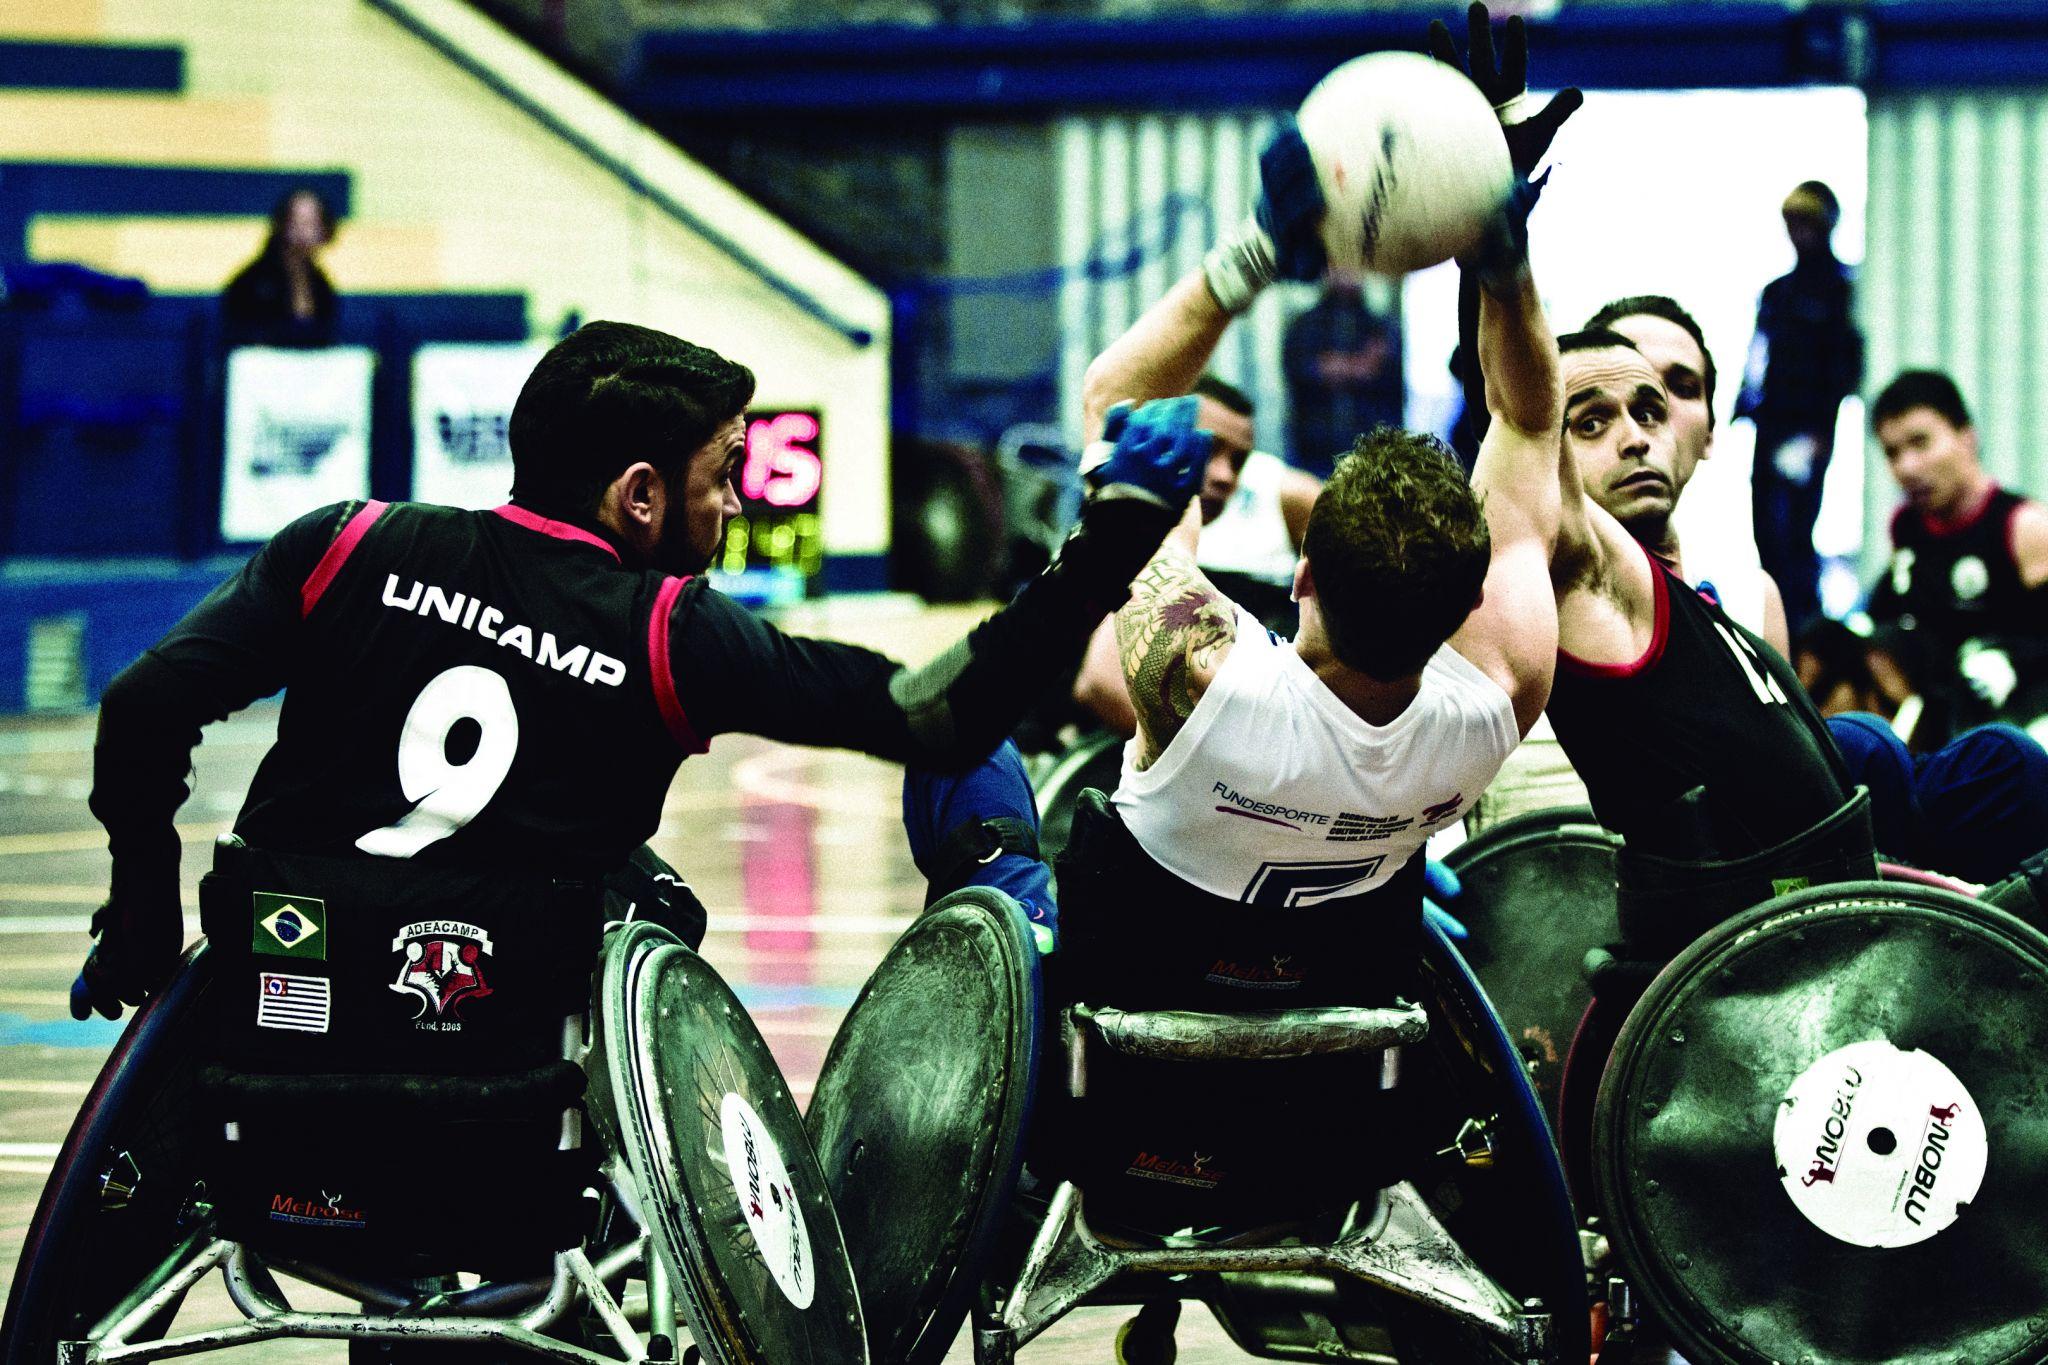 Joon Ho Kim, Adeacamp versos OMDA, Campeonato Brasileiro de Rugby em Cadeira de Rodas, 1 de junho de 2011